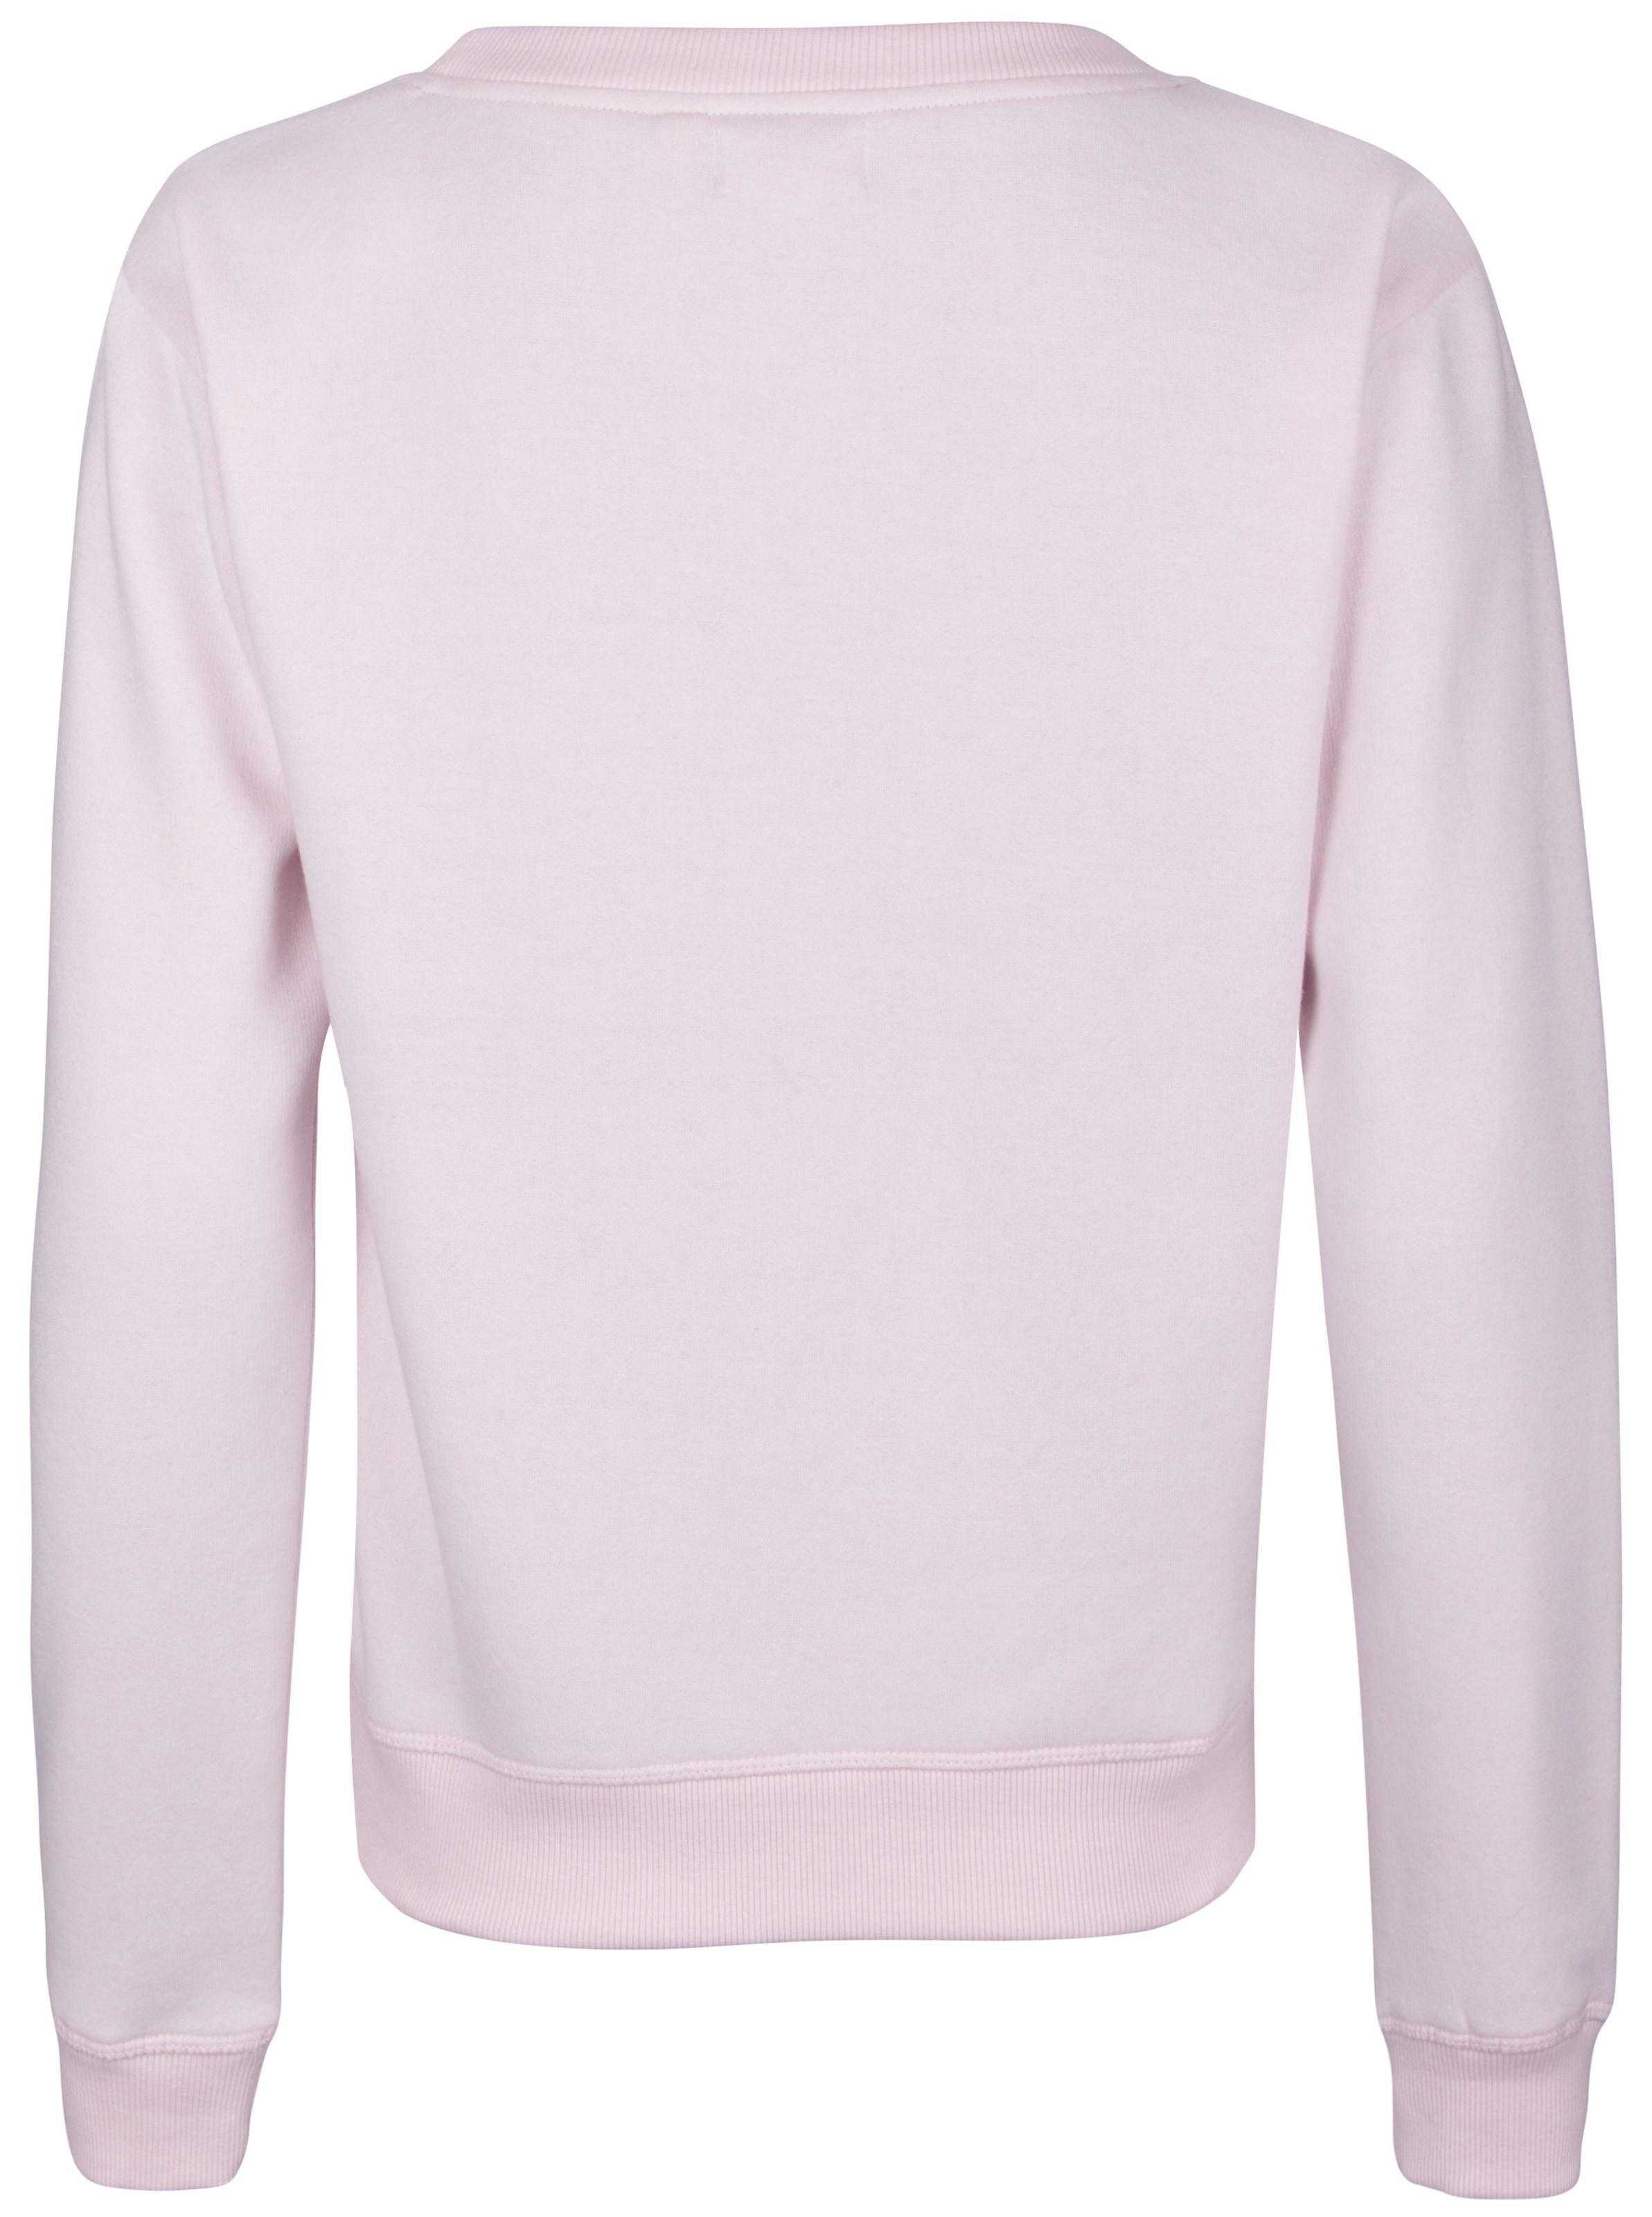 Suche Nach Online MYMO Sweater Freies Verschiffen Größte Lieferant TWXYHm